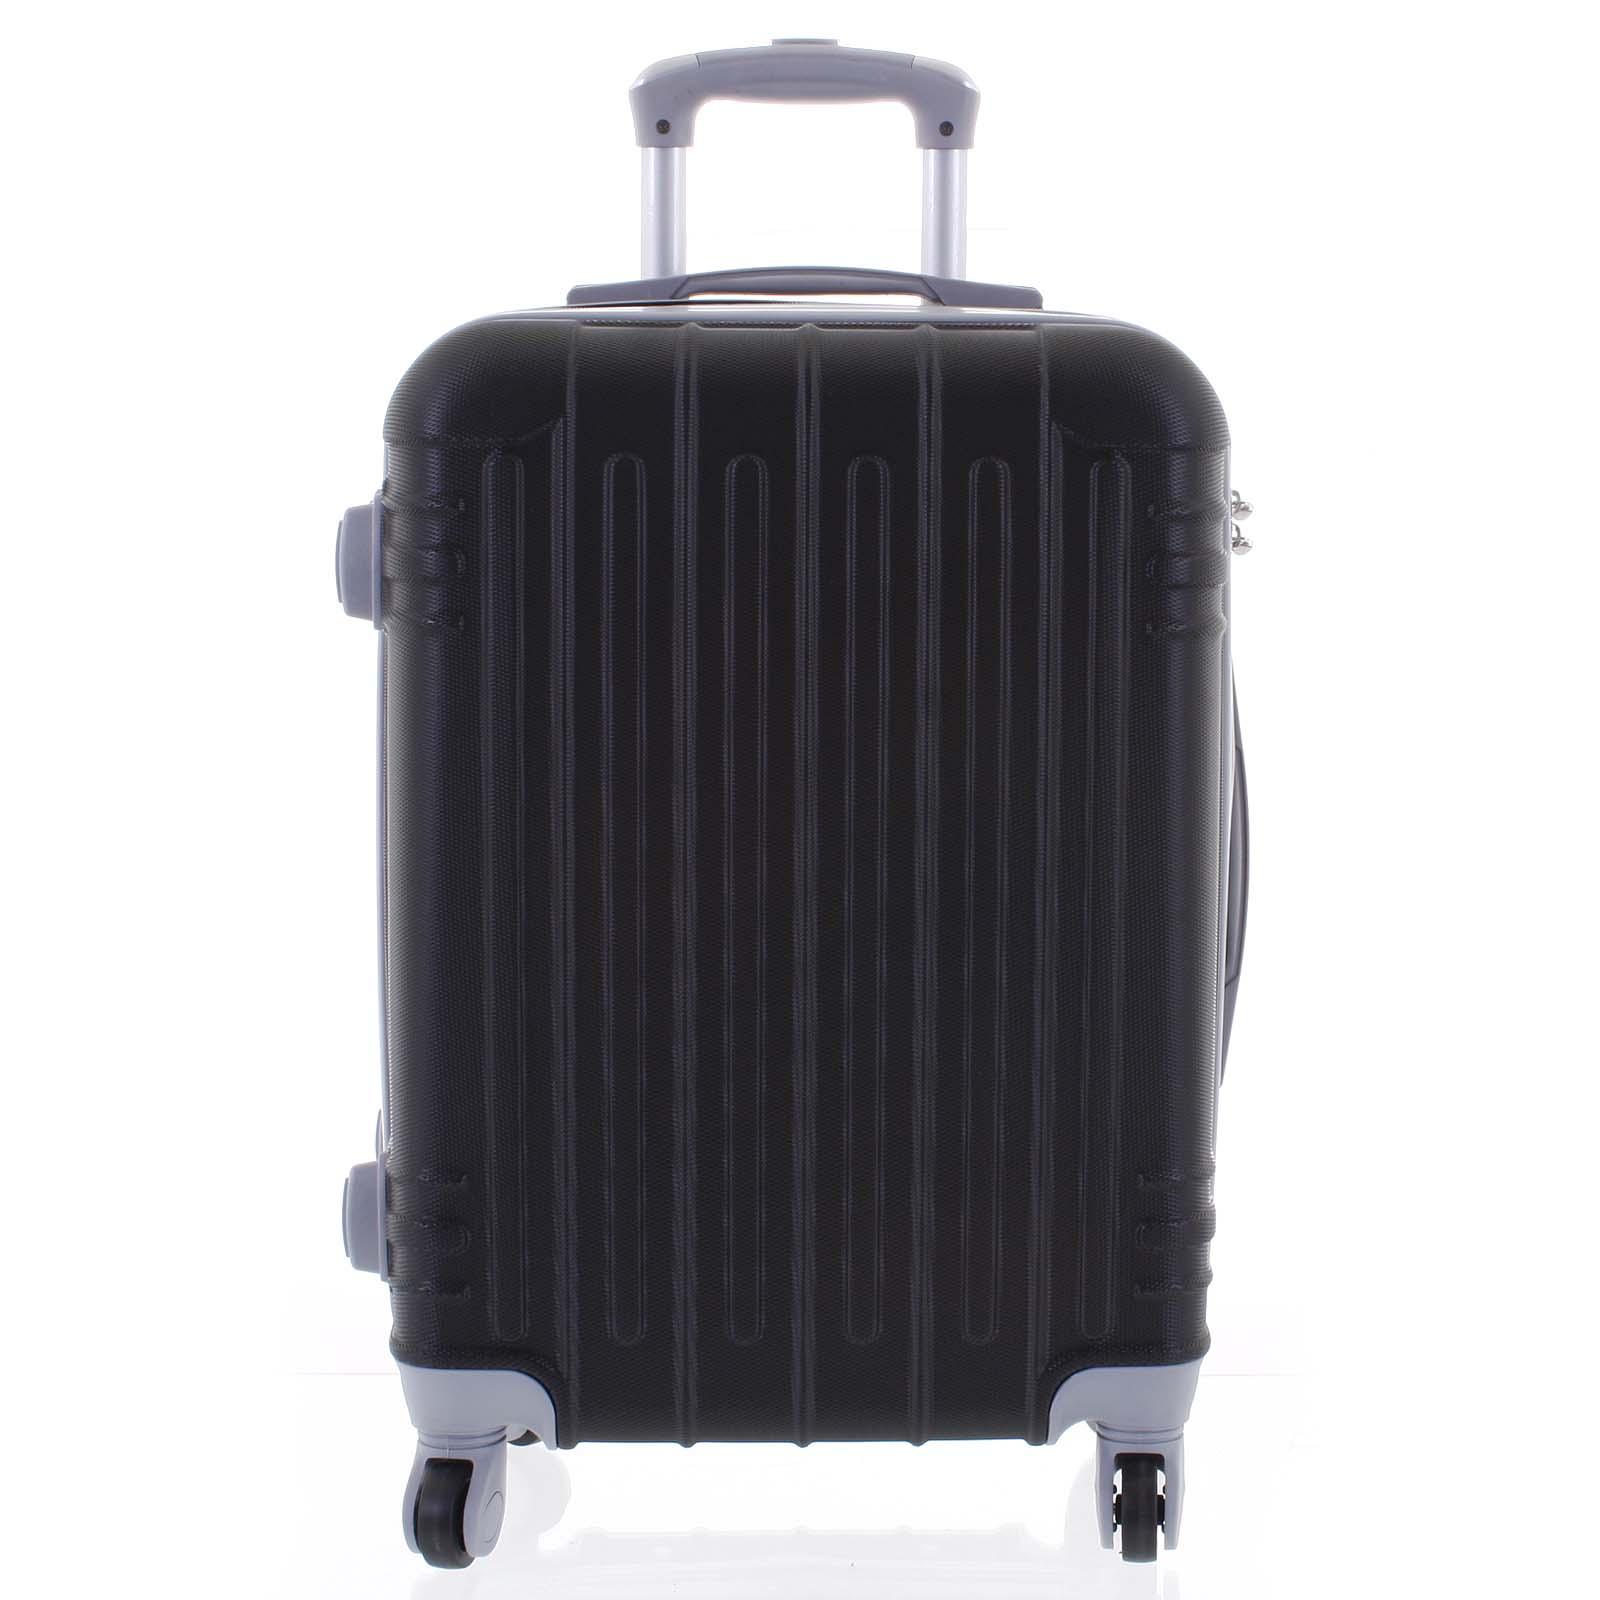 Moderní černý skořepinový cestovní kufr - Ormi Dopp L